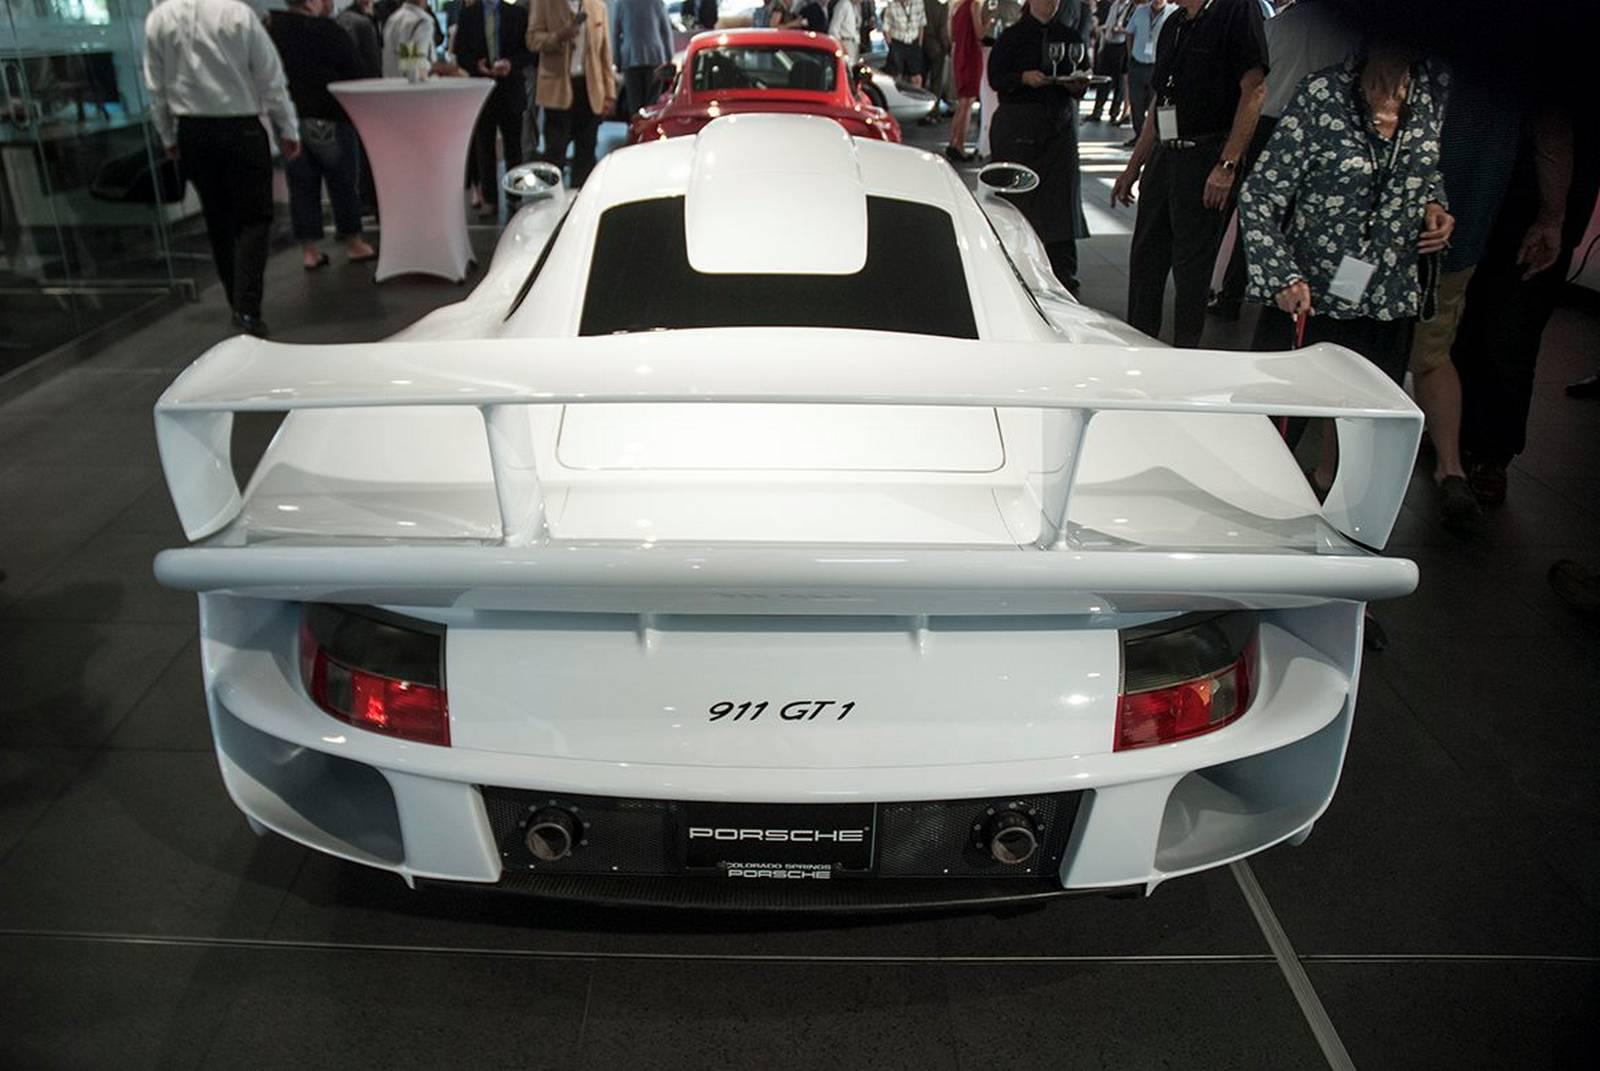 Porsche 911 Gt1 Stars At Porsche Of Colorado Springs Grand